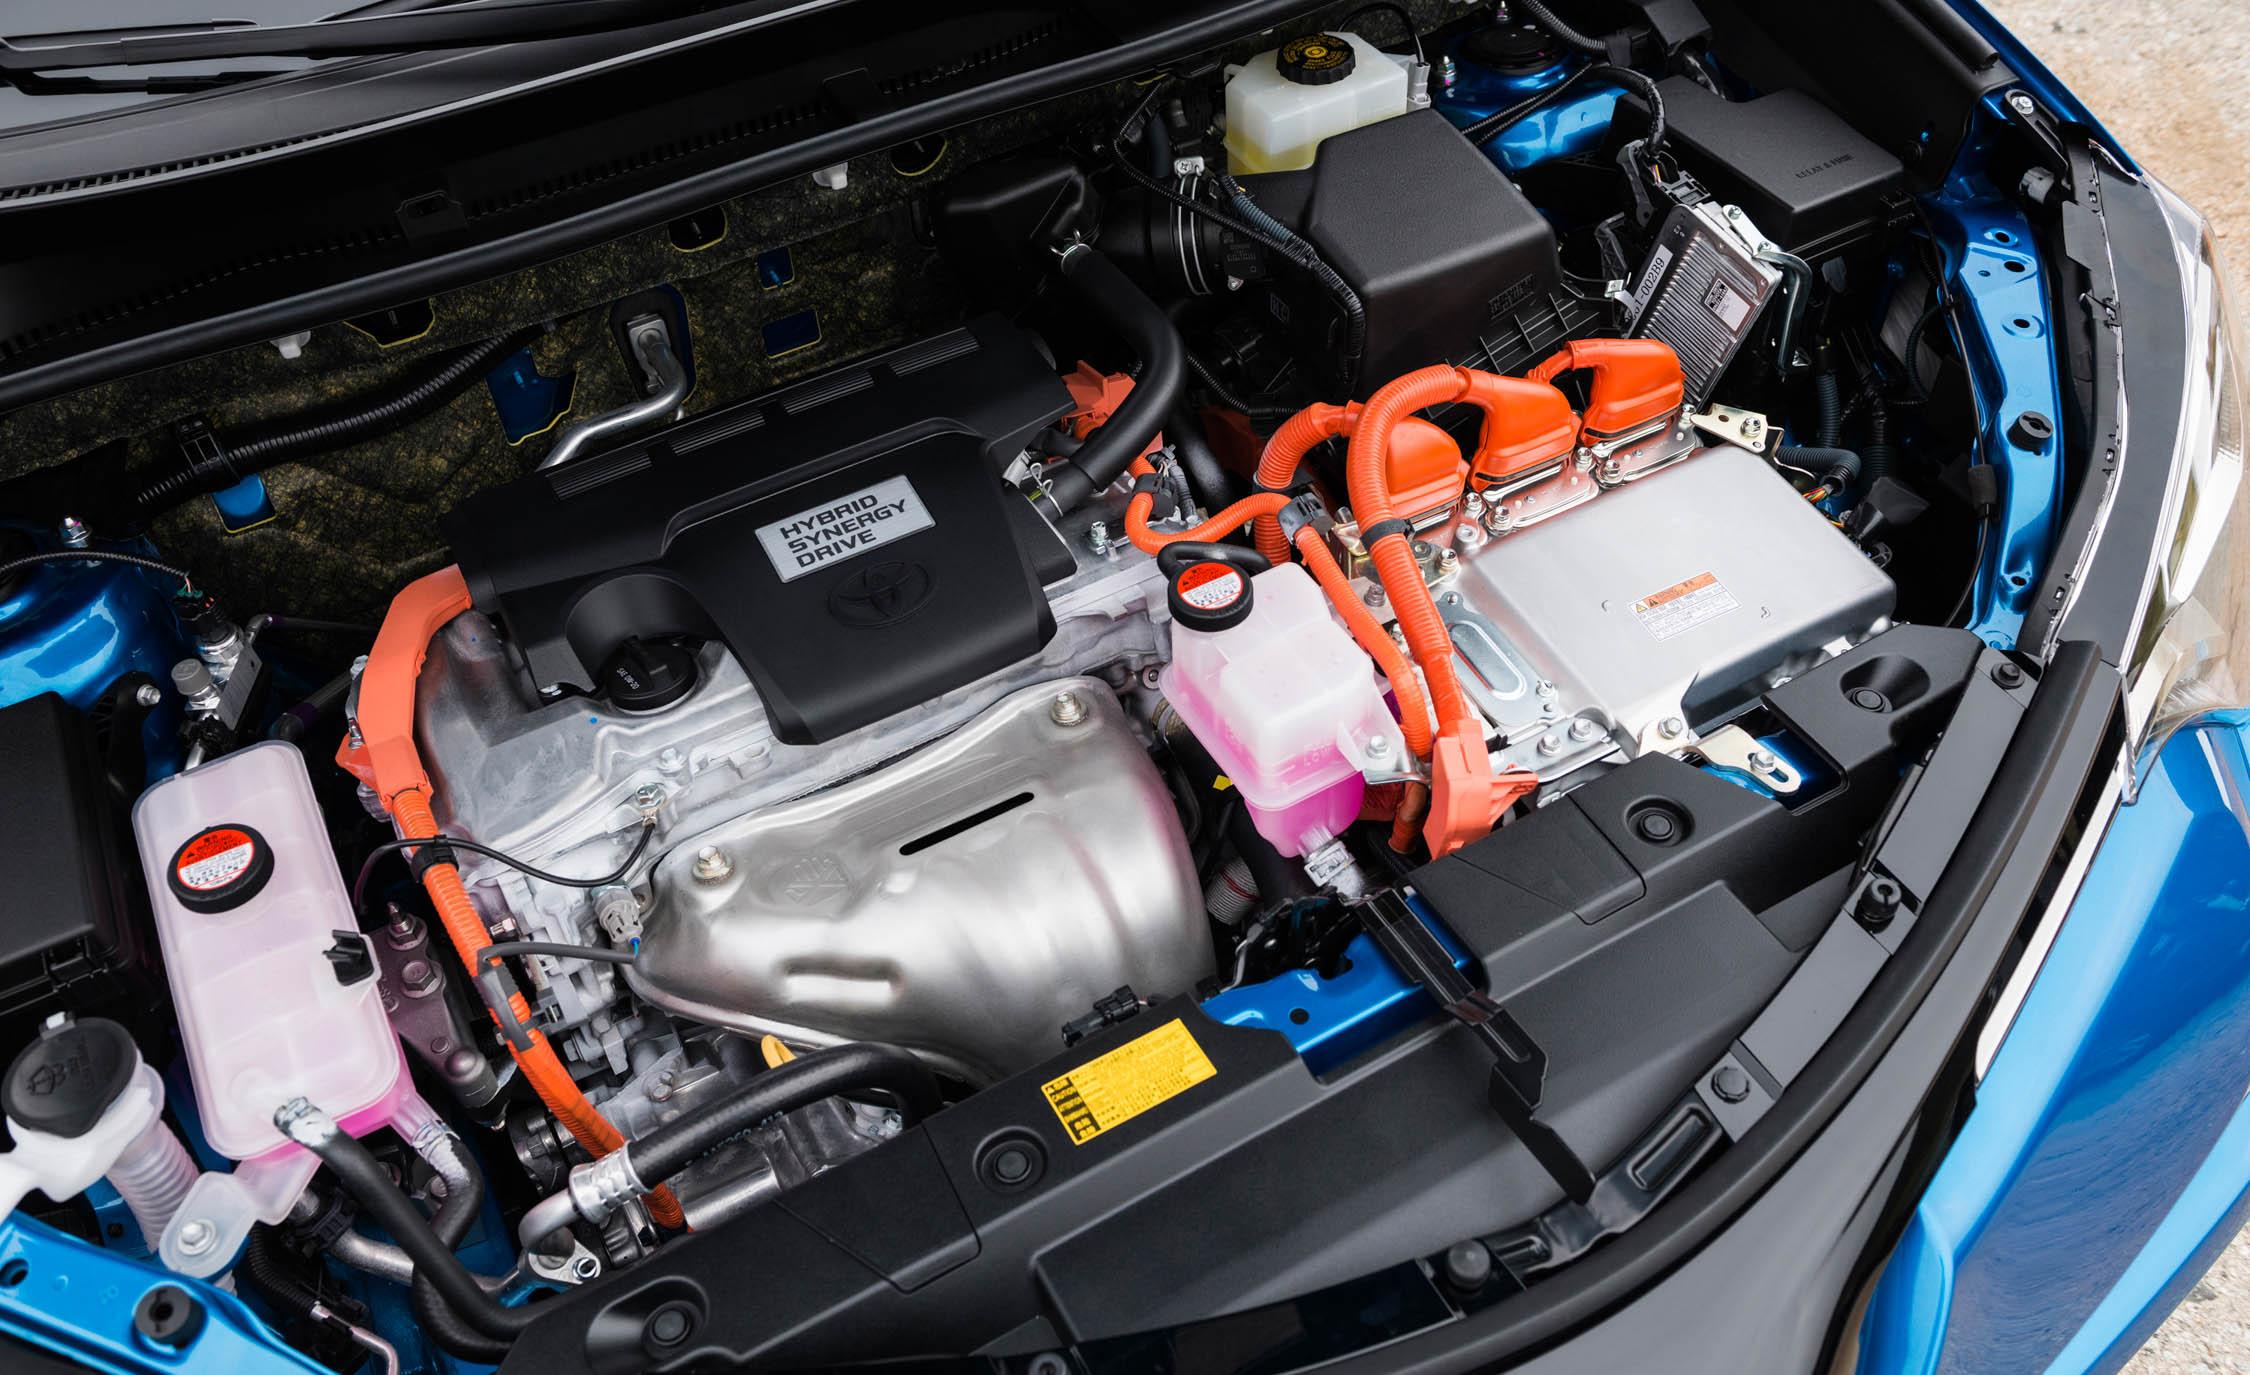 2016 Toyota RAV4 Hybrid 2.5-Liter Inline-4 Hybrid Engine